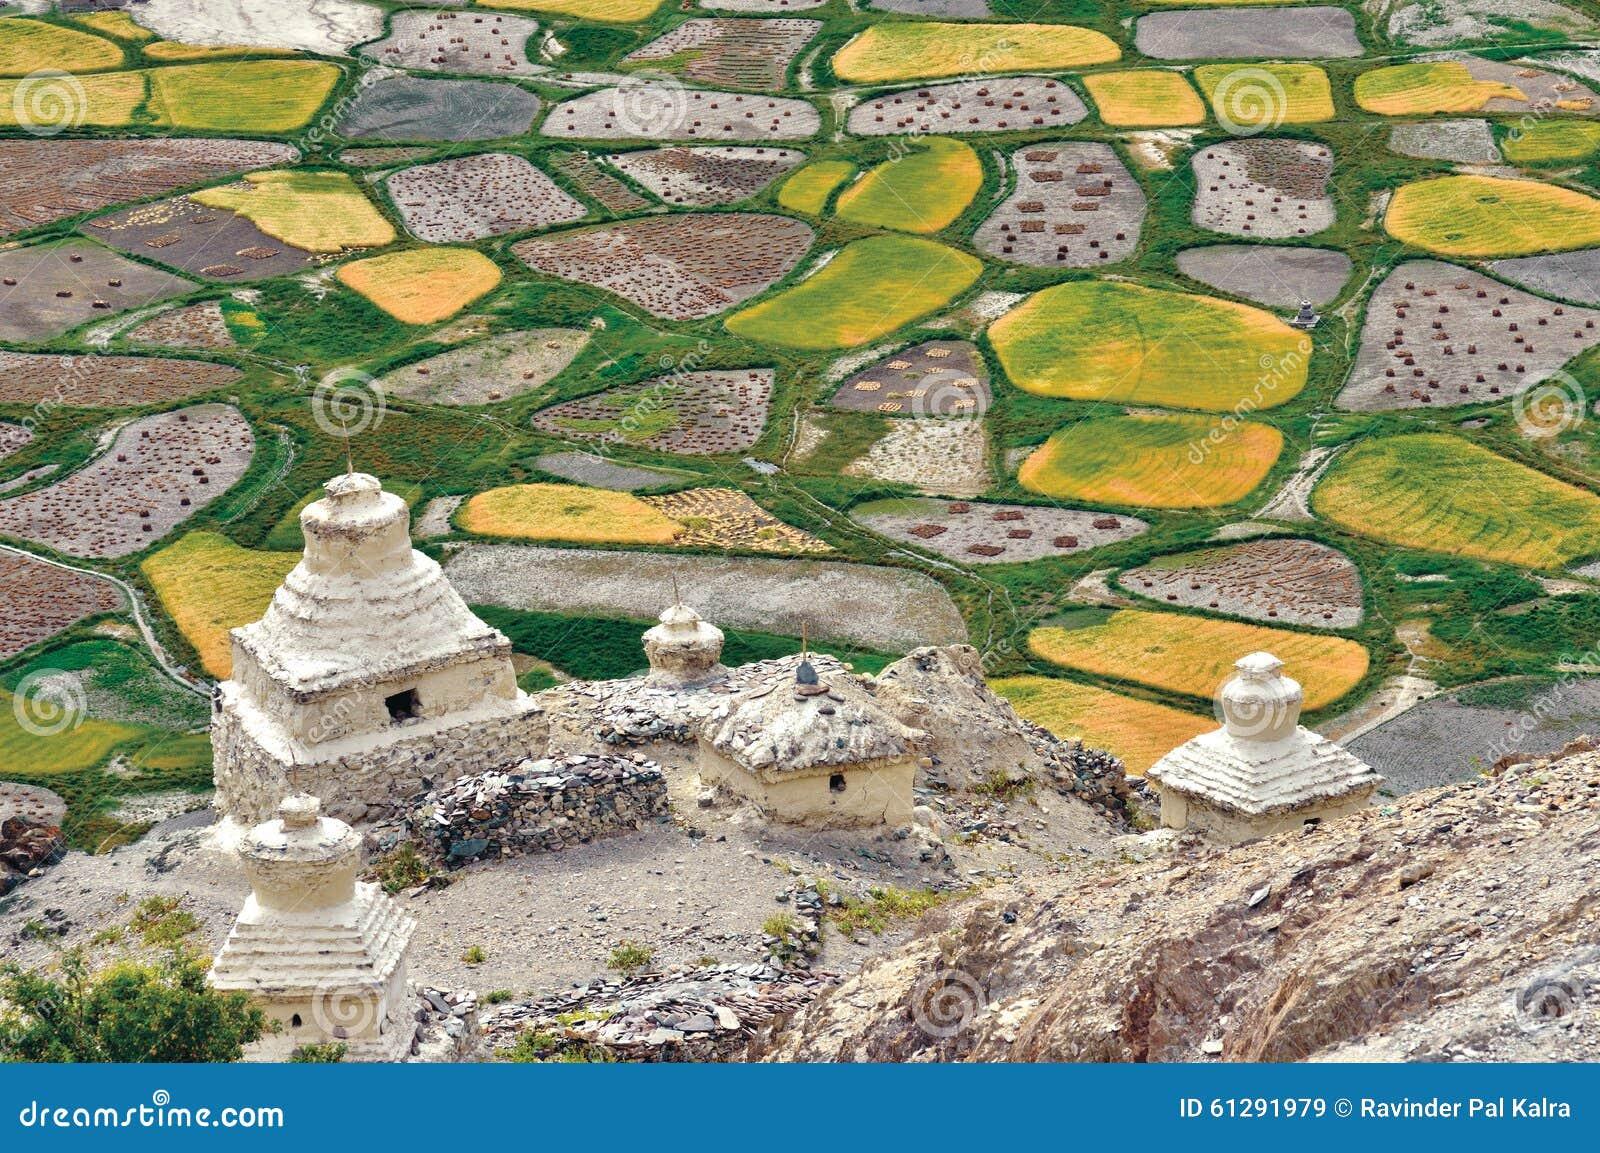 Una vista aérea de los campos durante tiempo de cosecha, valle de Zanskar, Ladakh, Jammu y Cachemira, la India